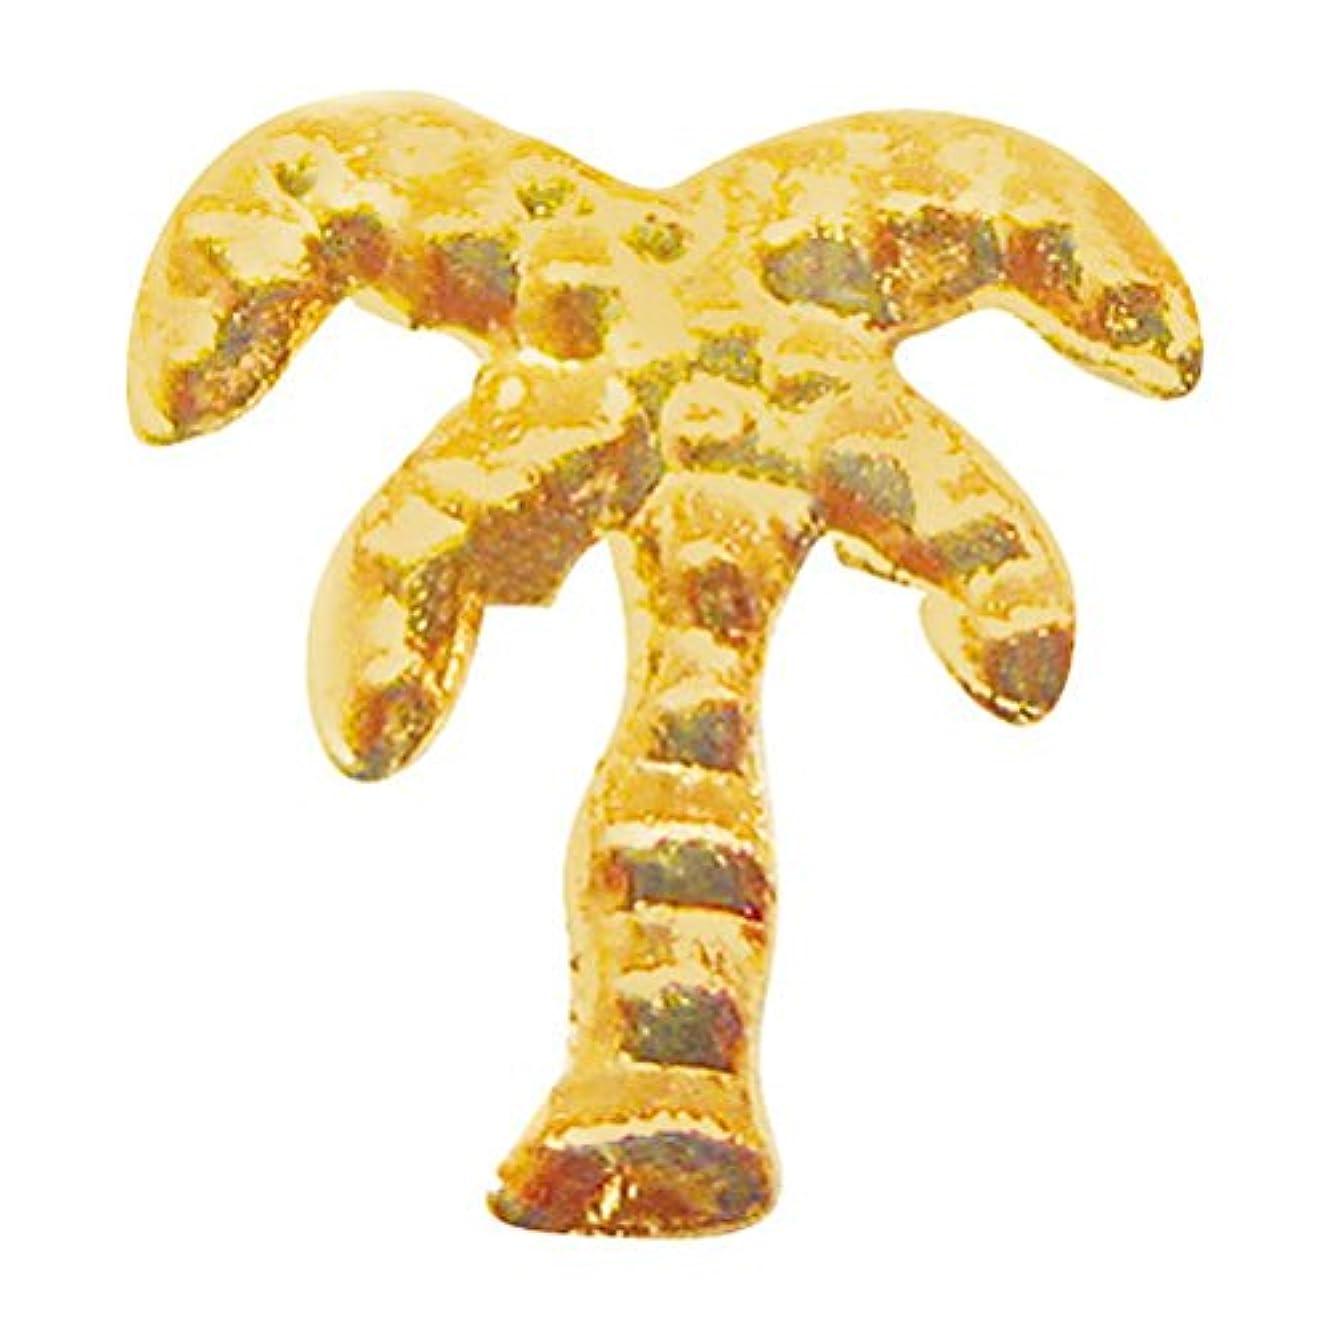 慢な減る申込みサンシャインベビー ジェルネイル ヤシの木(ゴールド) 10P